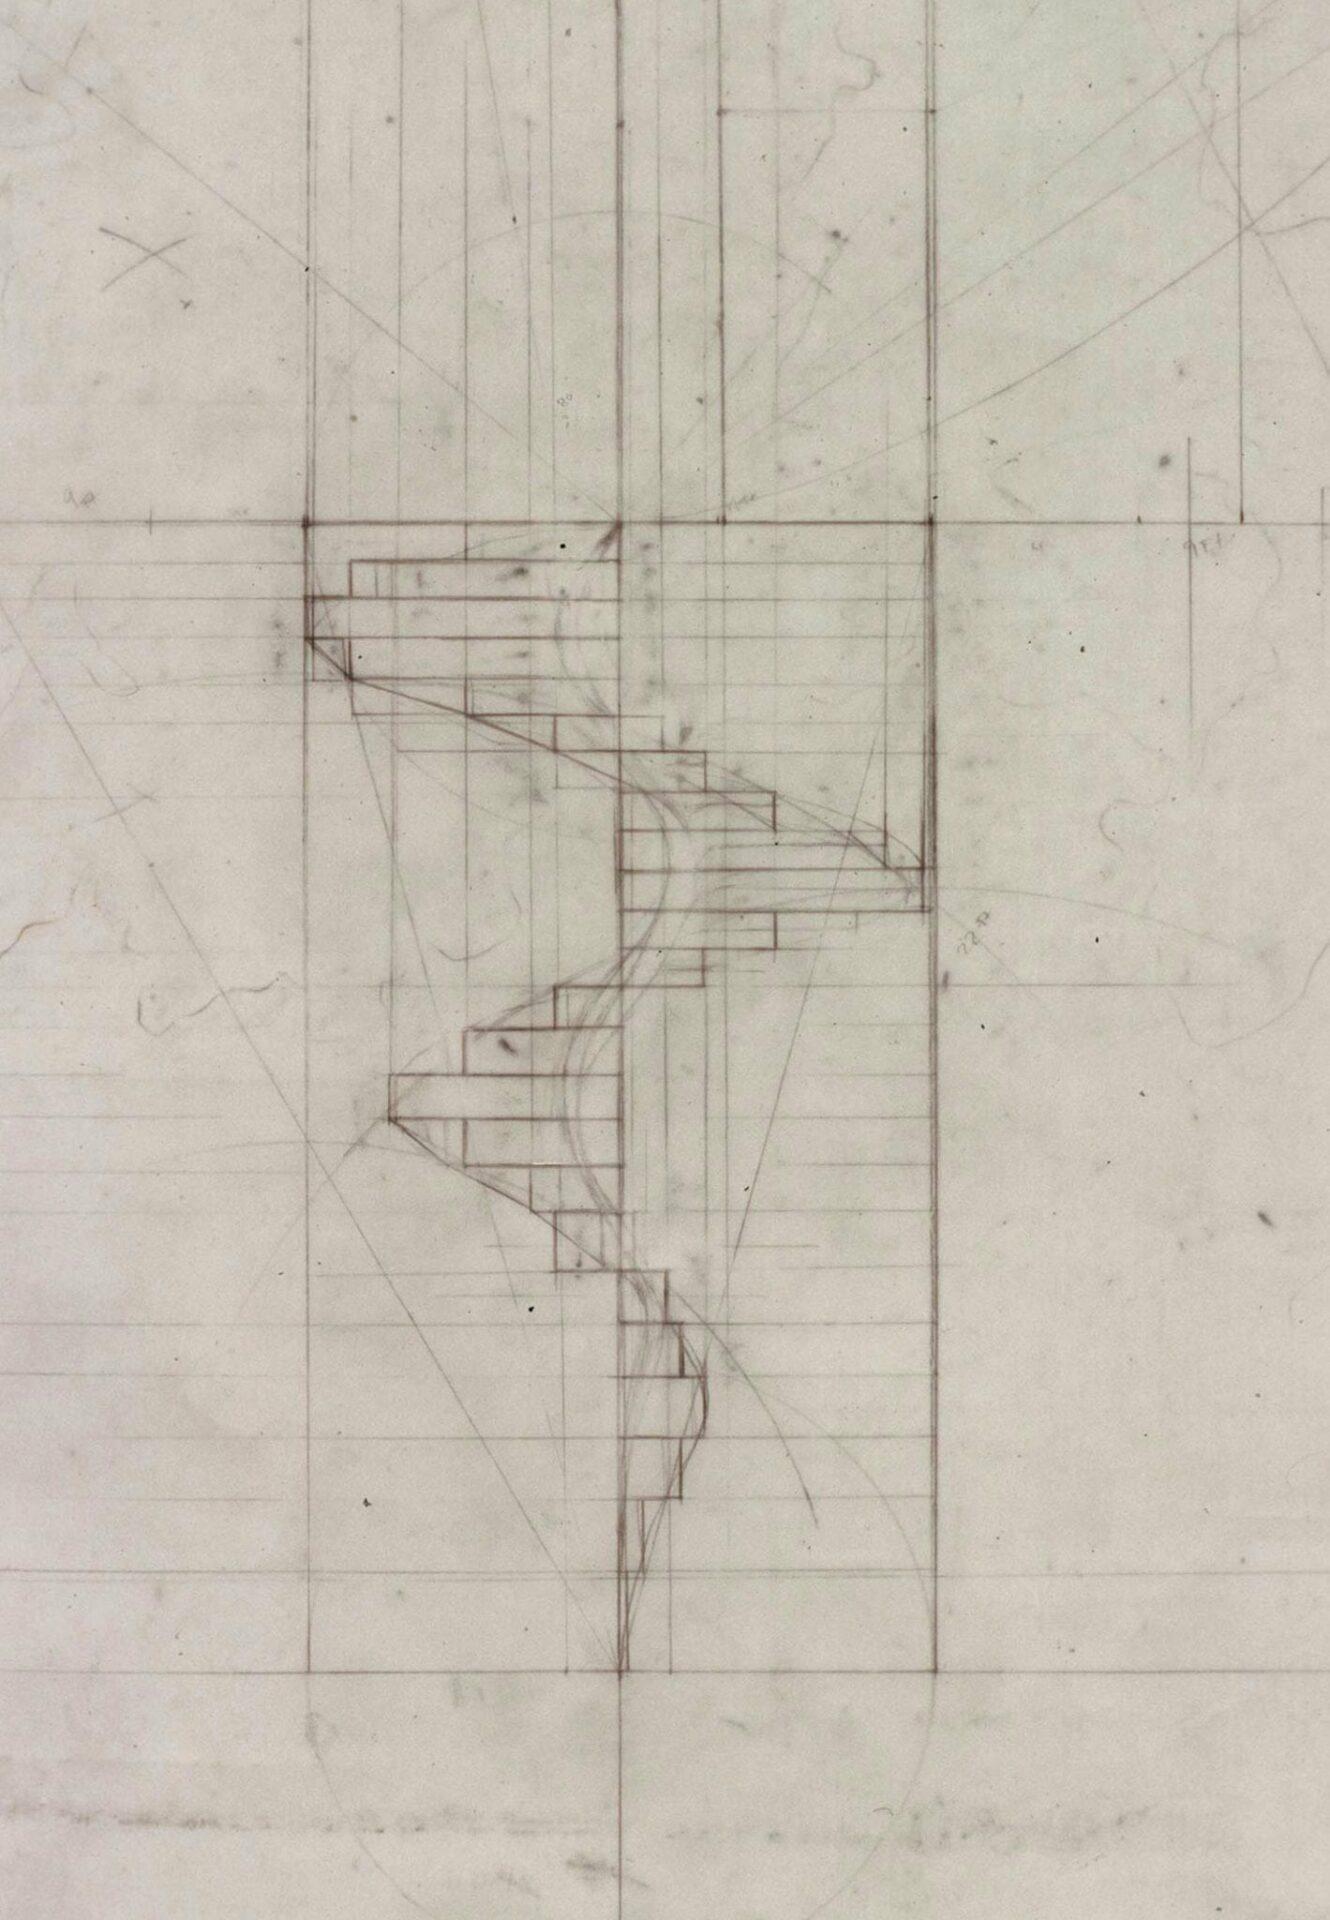 _drawings-58